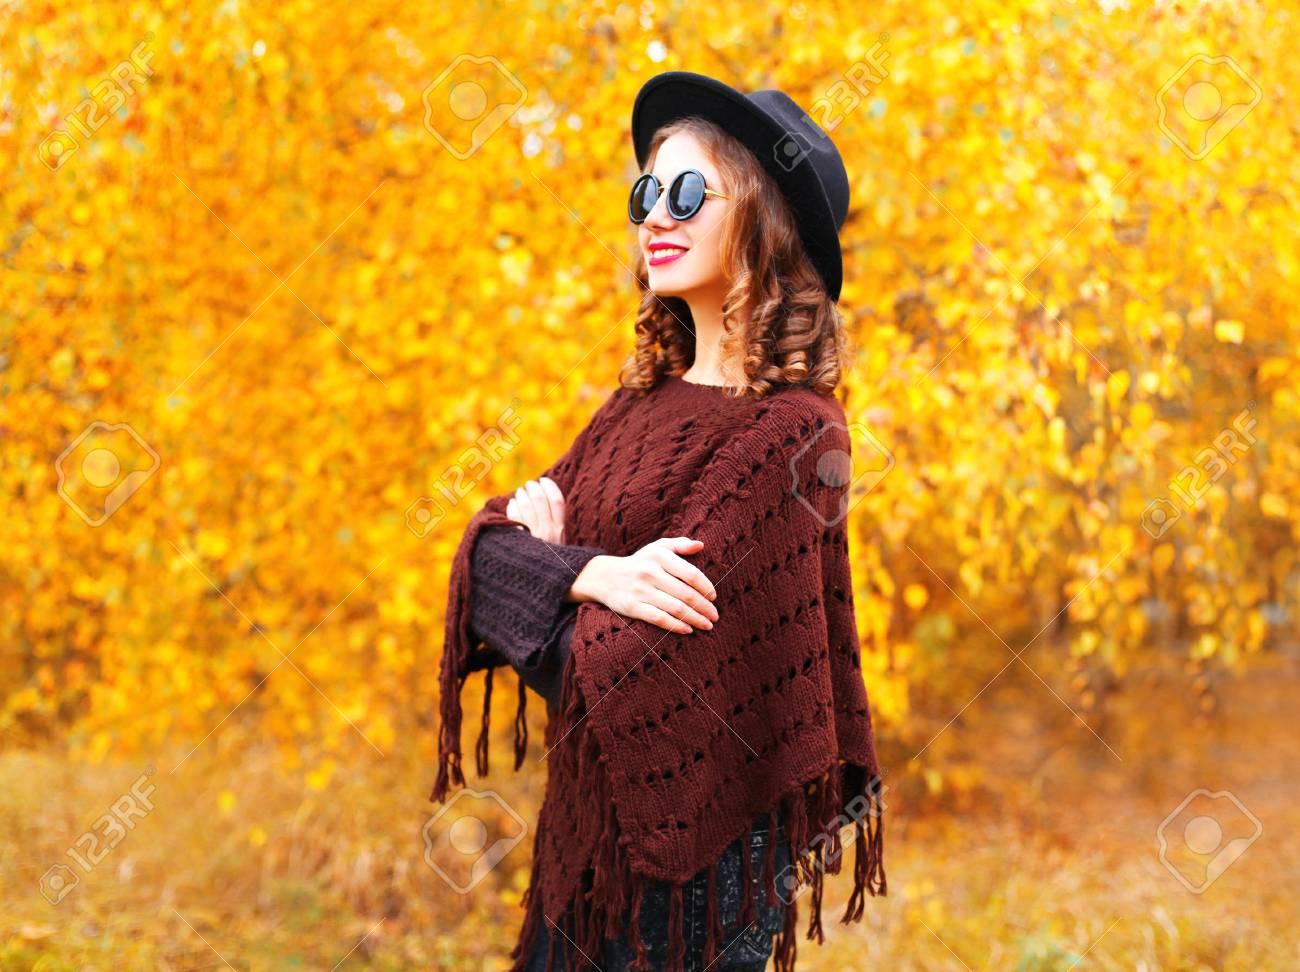 Mode Automne Femme Portant Un Chapeau Rond Noir Et Un Poncho Tricoté ...